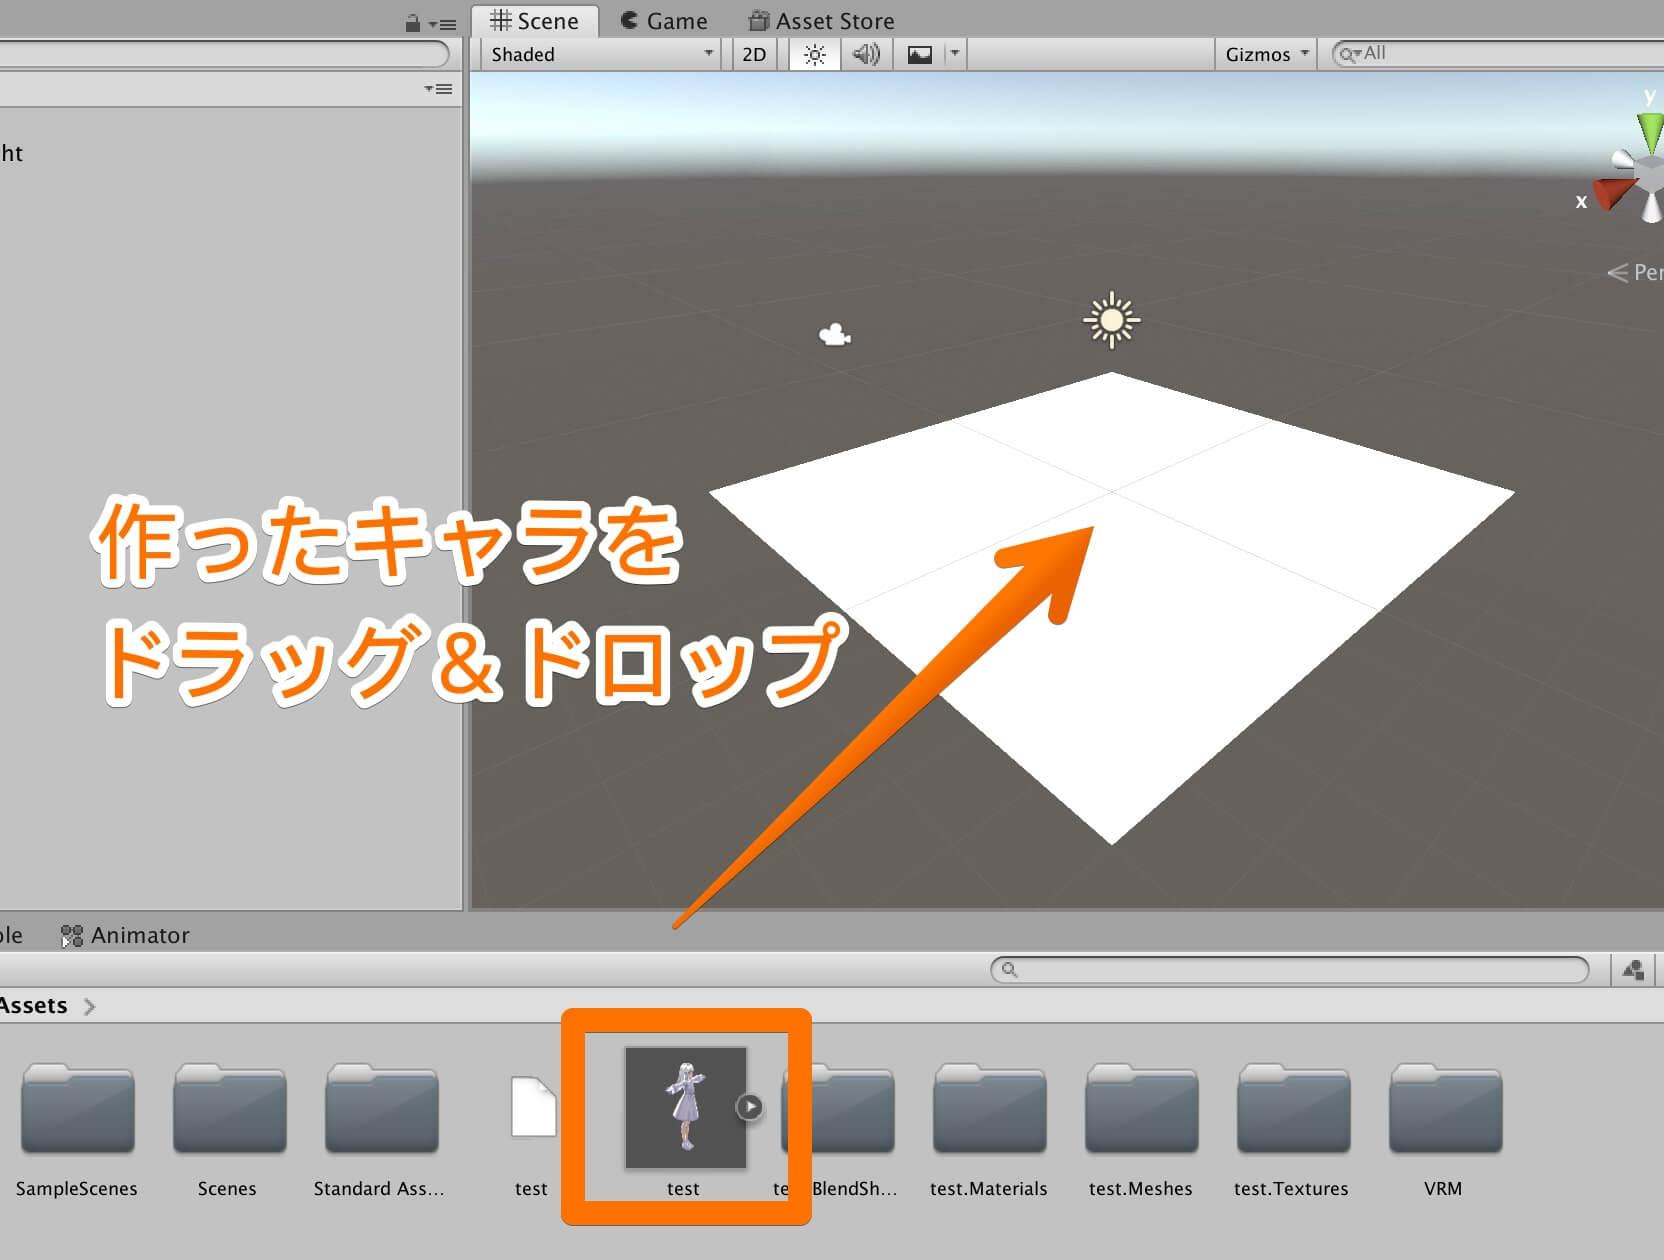 VRoidで作成したキャラをシーンビューに設置